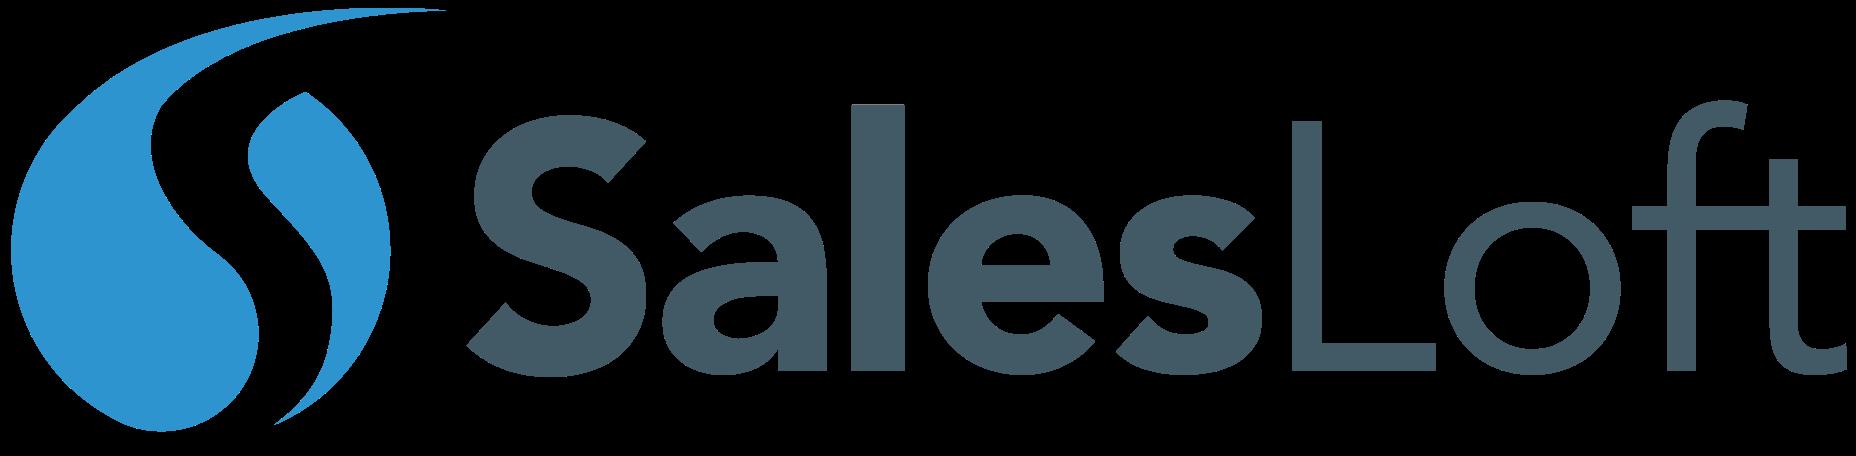 SalesLoft Connect for Outlook - Office 365 Online – SalesLoft Support